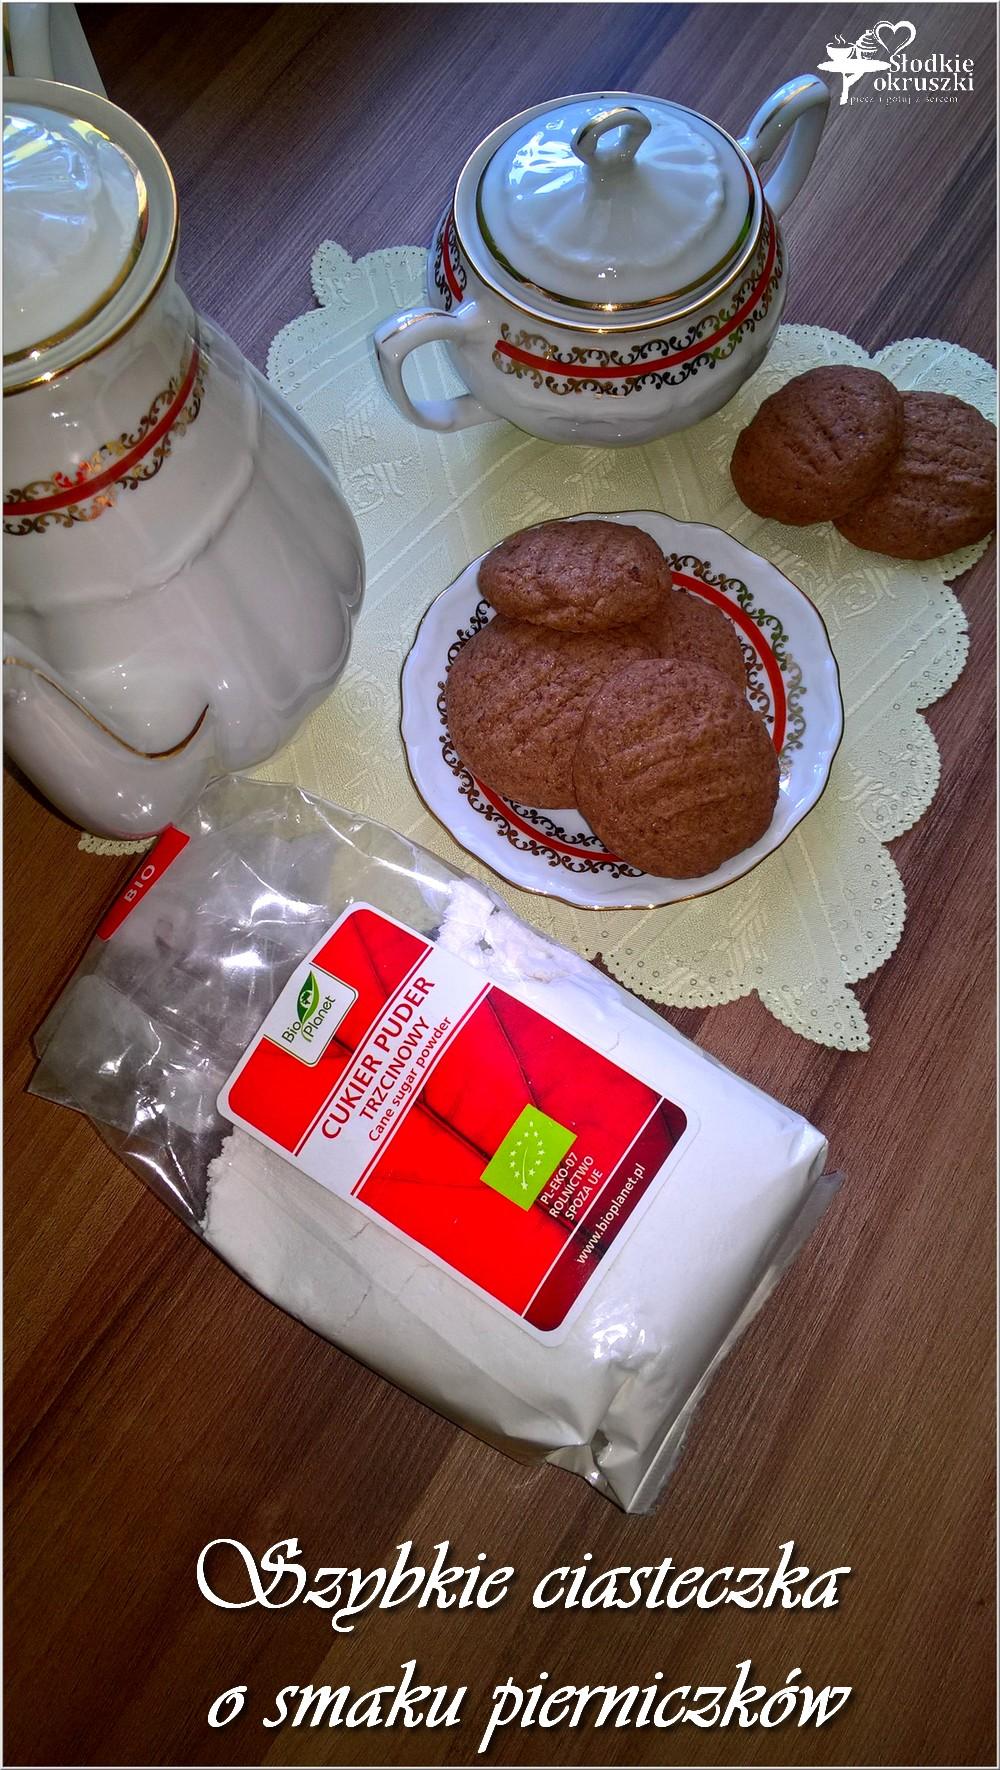 Szybkie ciasteczka o smaku pierniczków (3)